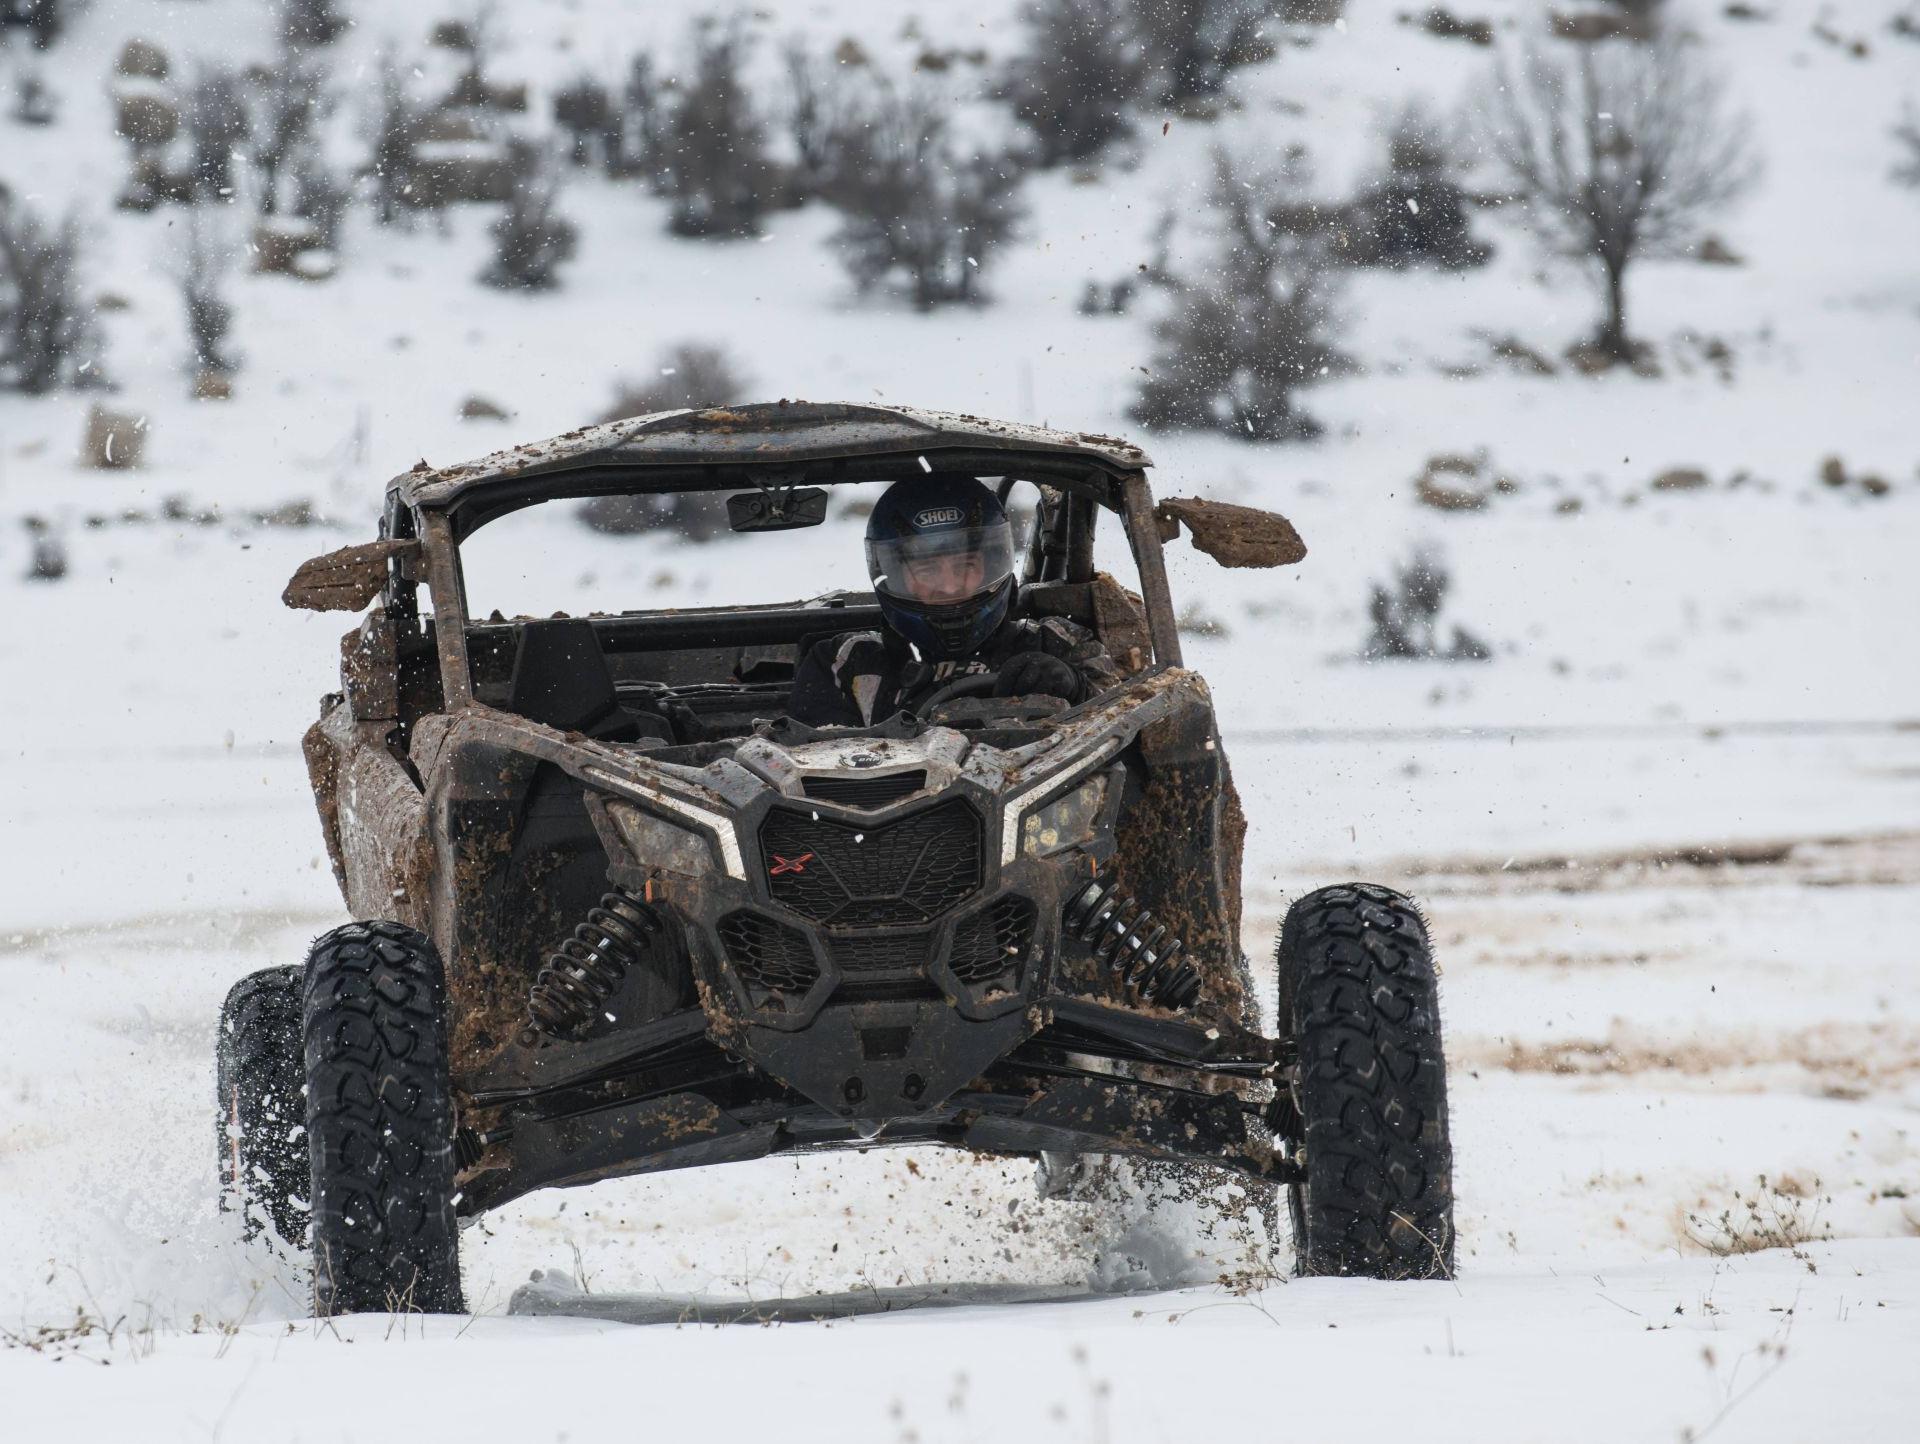 המרדף אחרי השלג הישראלי, עם מאבריק X3 טורבו